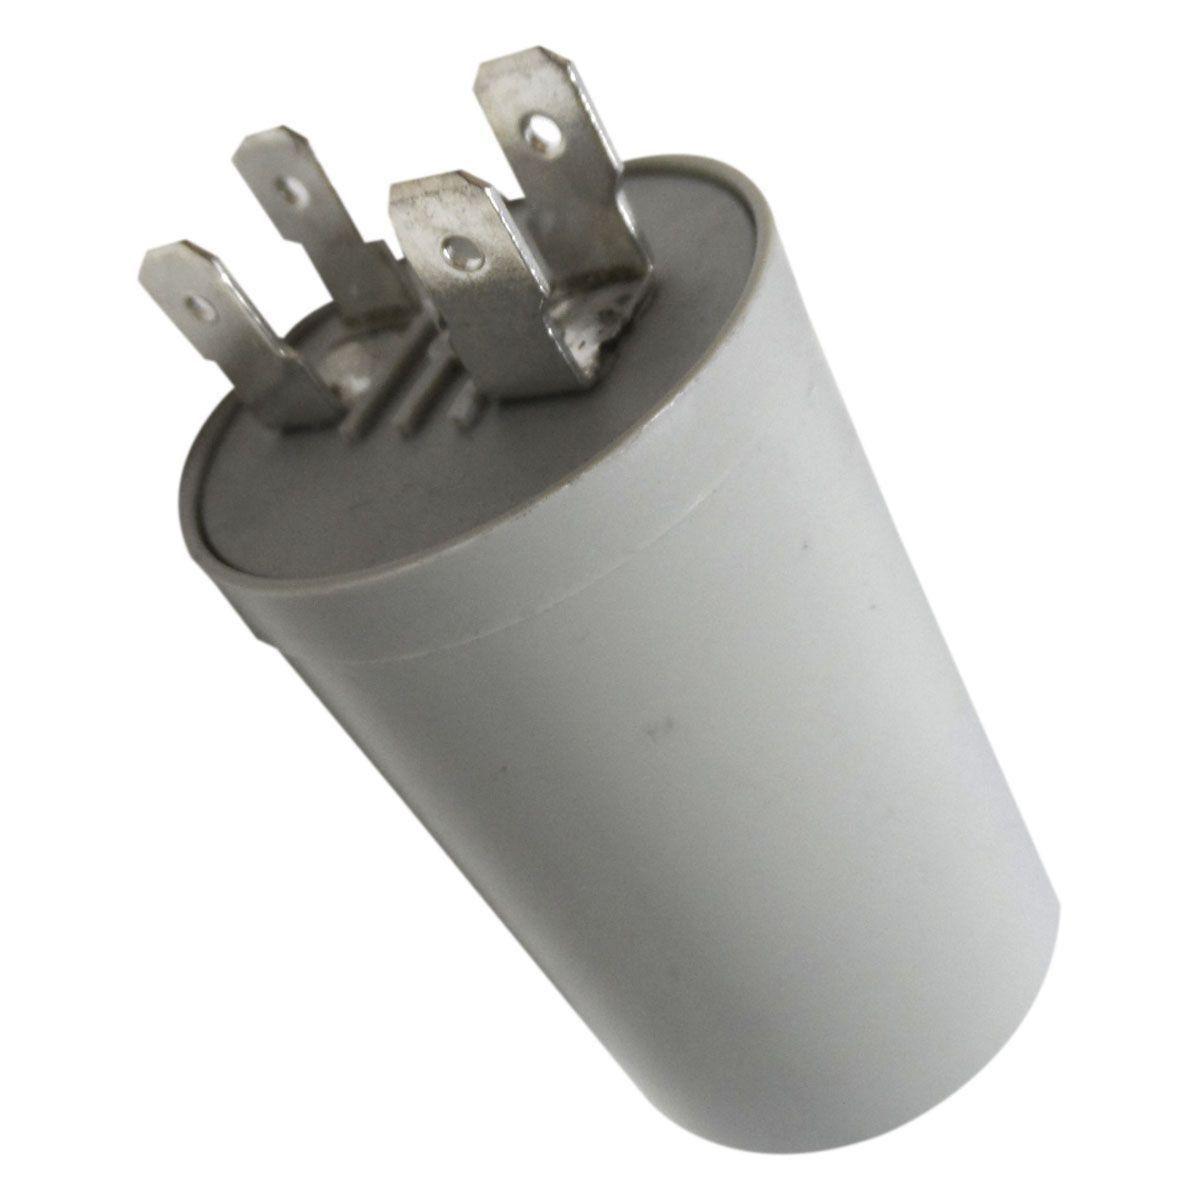 Capacitor Fase 15X380V Lavadora Brastemp 220V W10197638